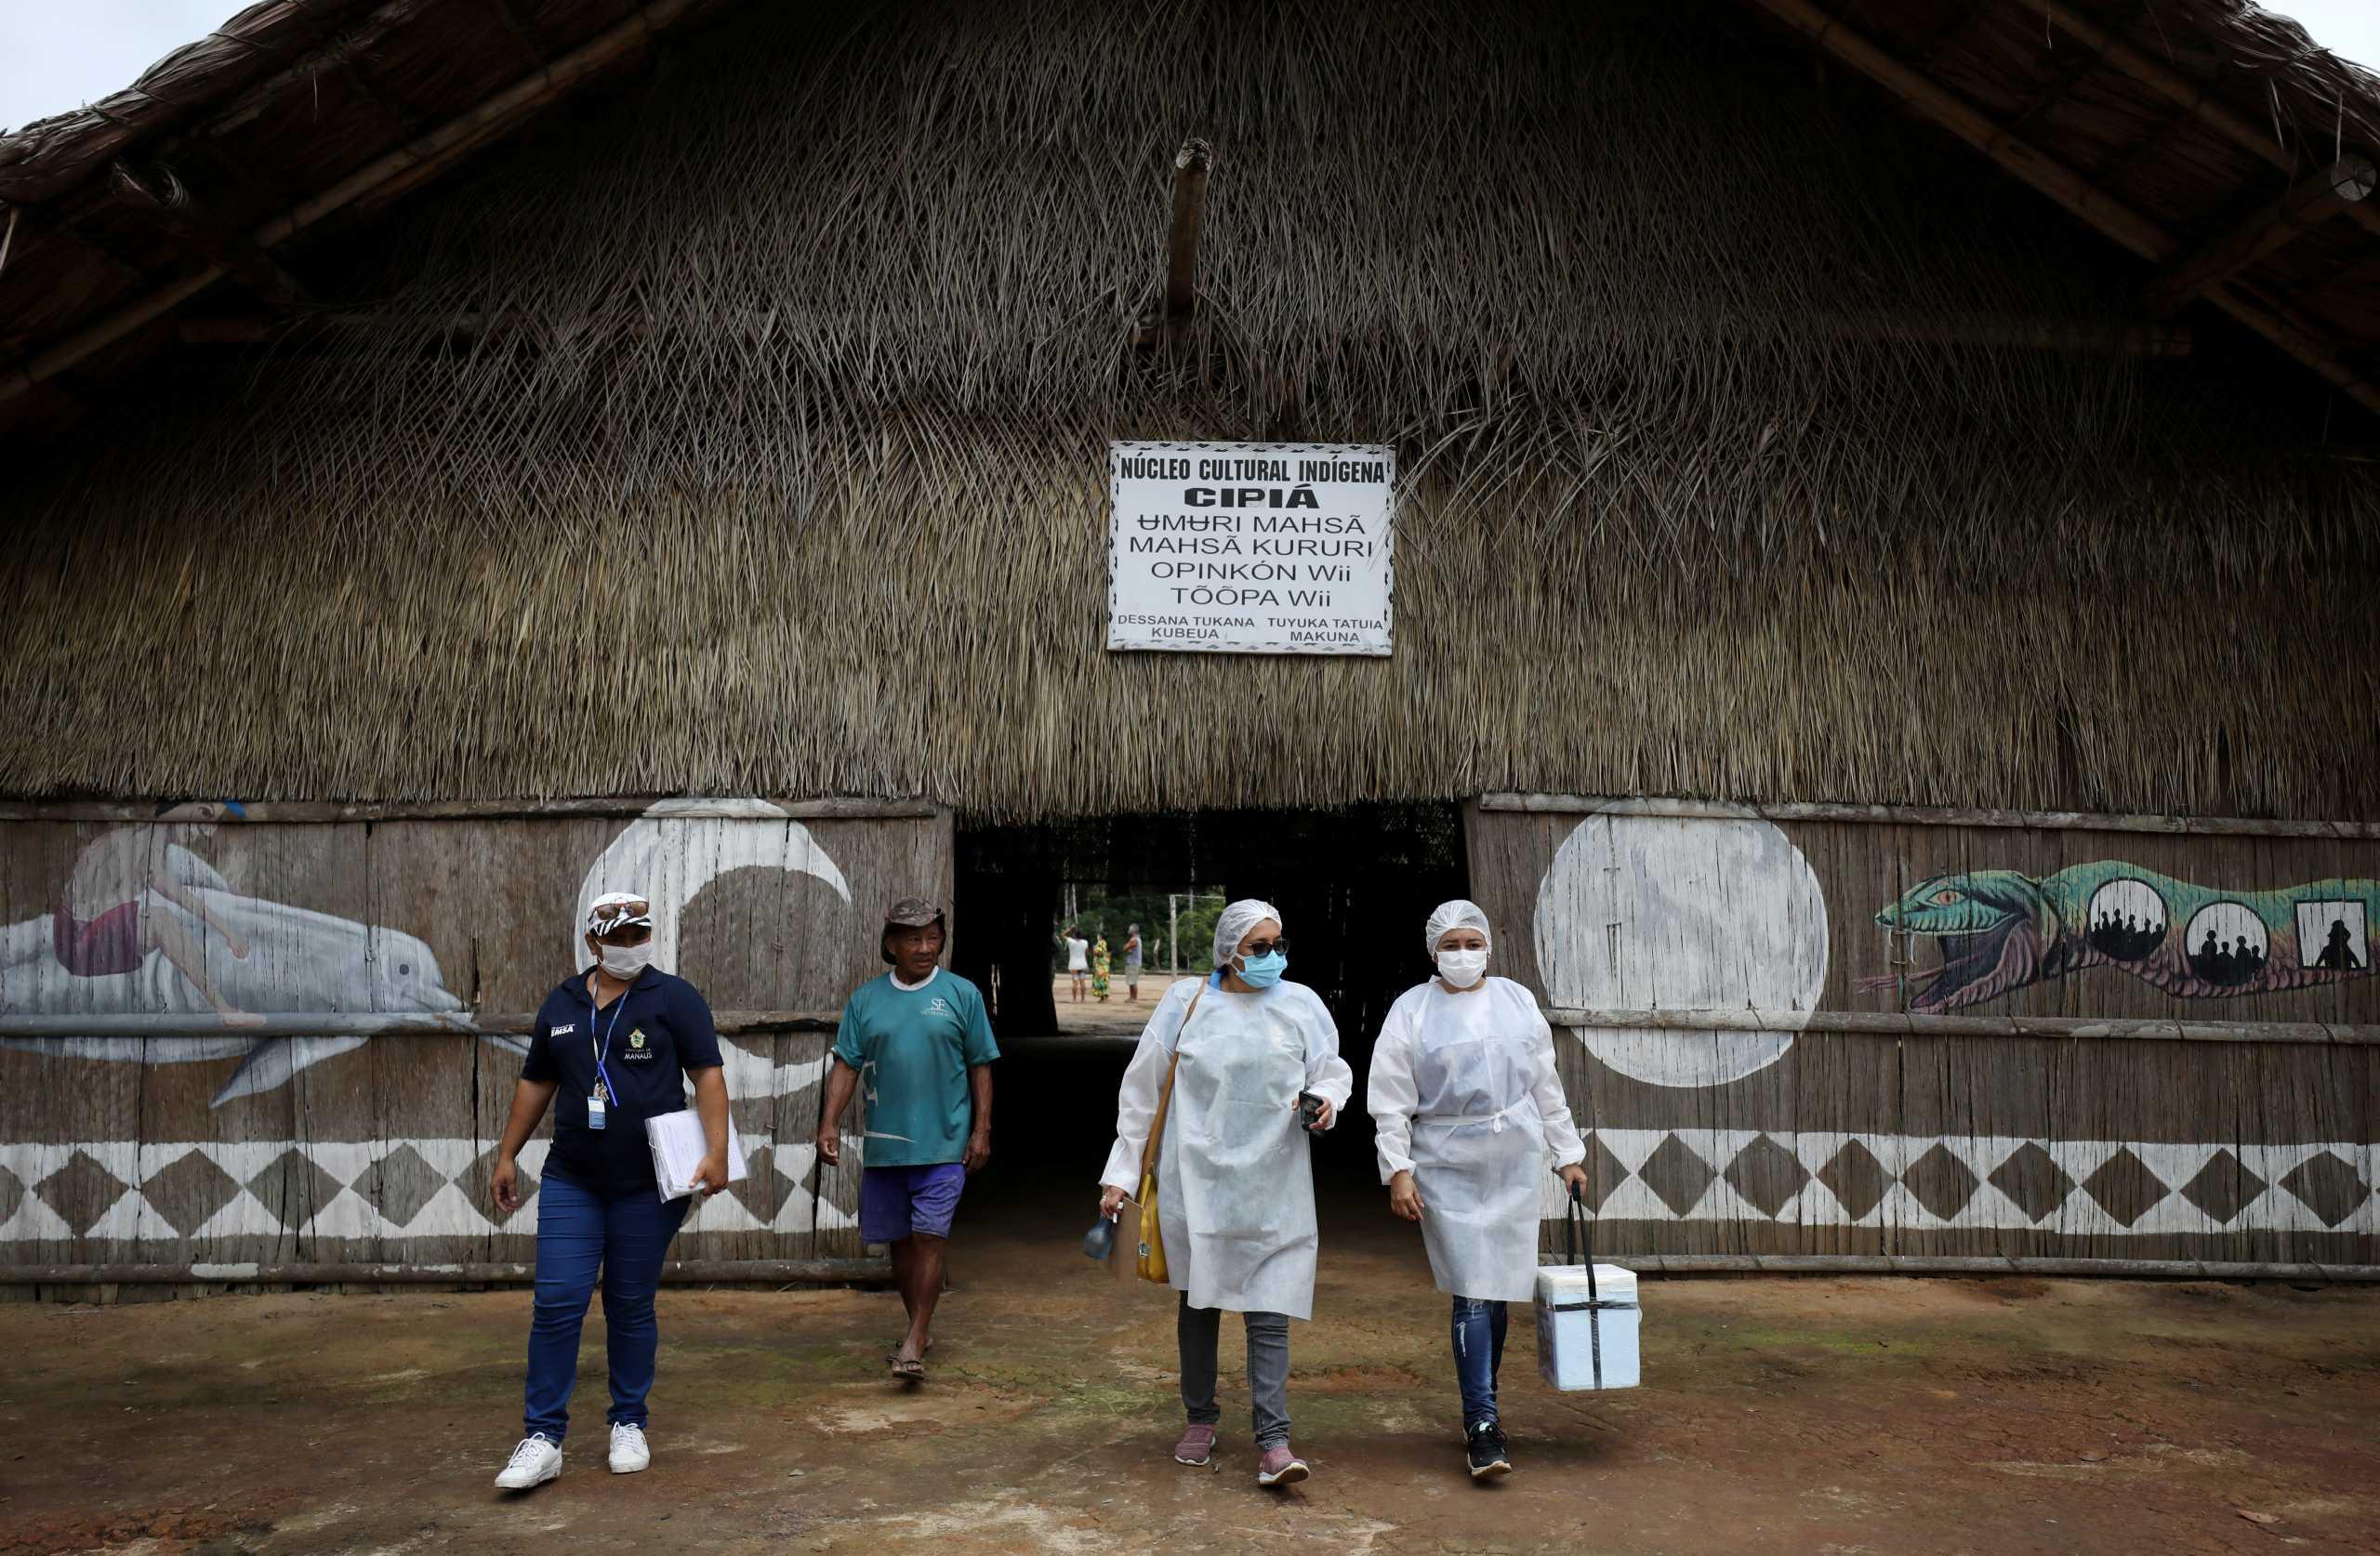 Βραζιλία: Πέμπτη συνεχόμενη μέρα με πάνω από 1.300 νεκρούς από κορονοϊό